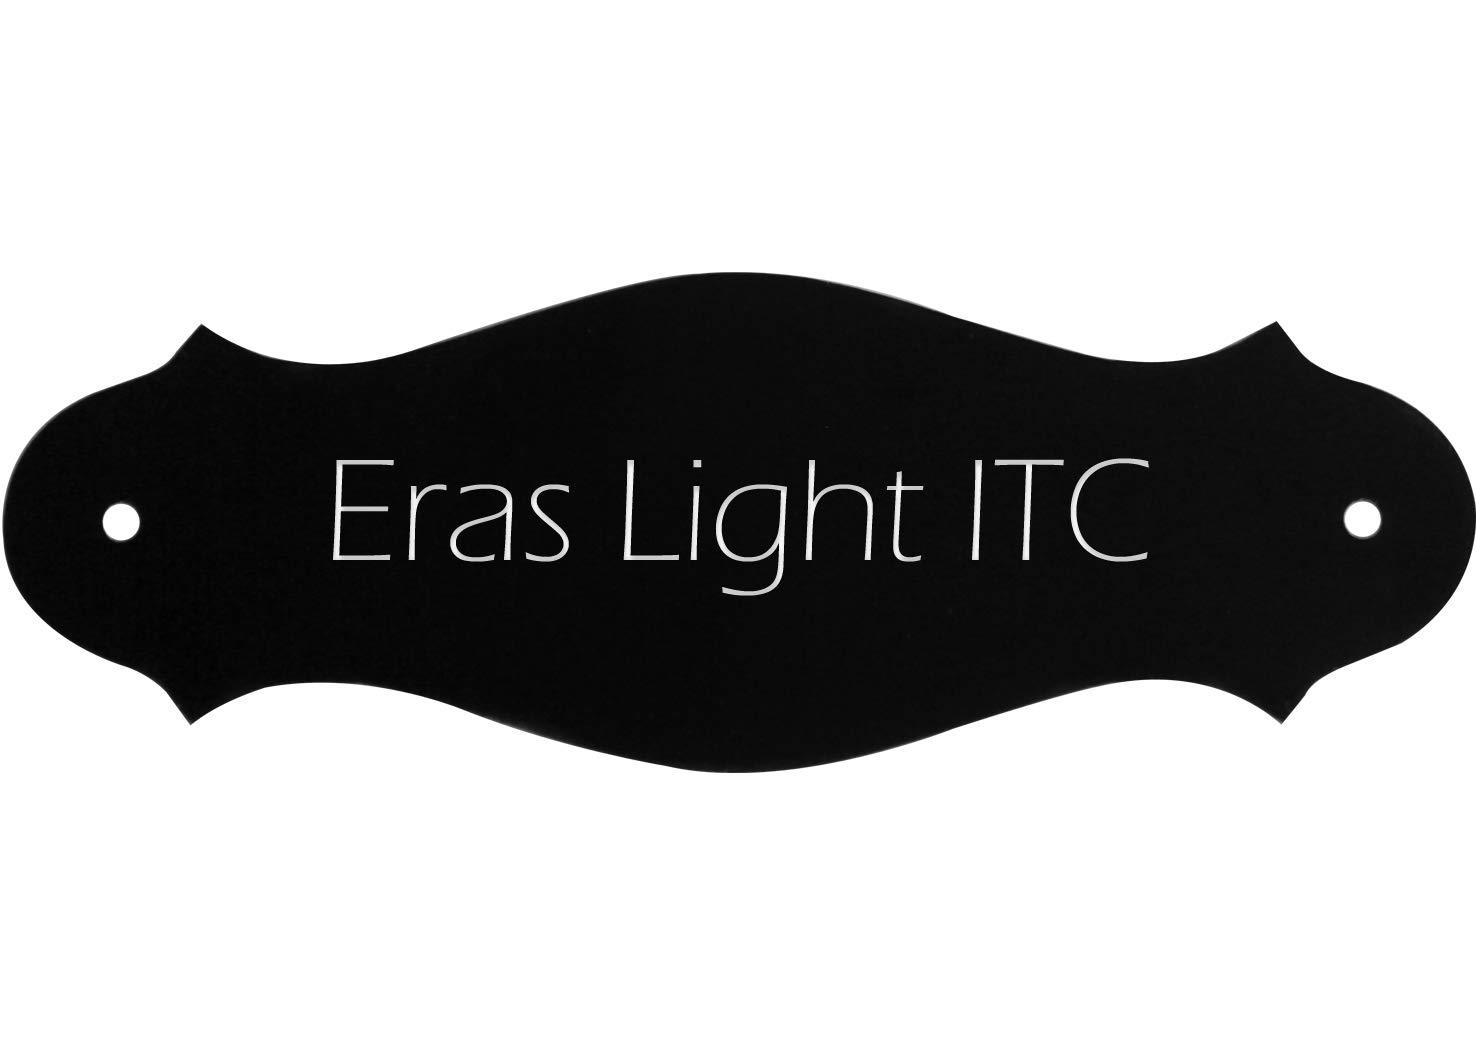 Letrero para la casa con texto personal deseado, Letrero de plá stico negro, 130 x 47 mm, curvo, tipo de letra: Eras Light ITC Letrero de plástico negro Kopierladen